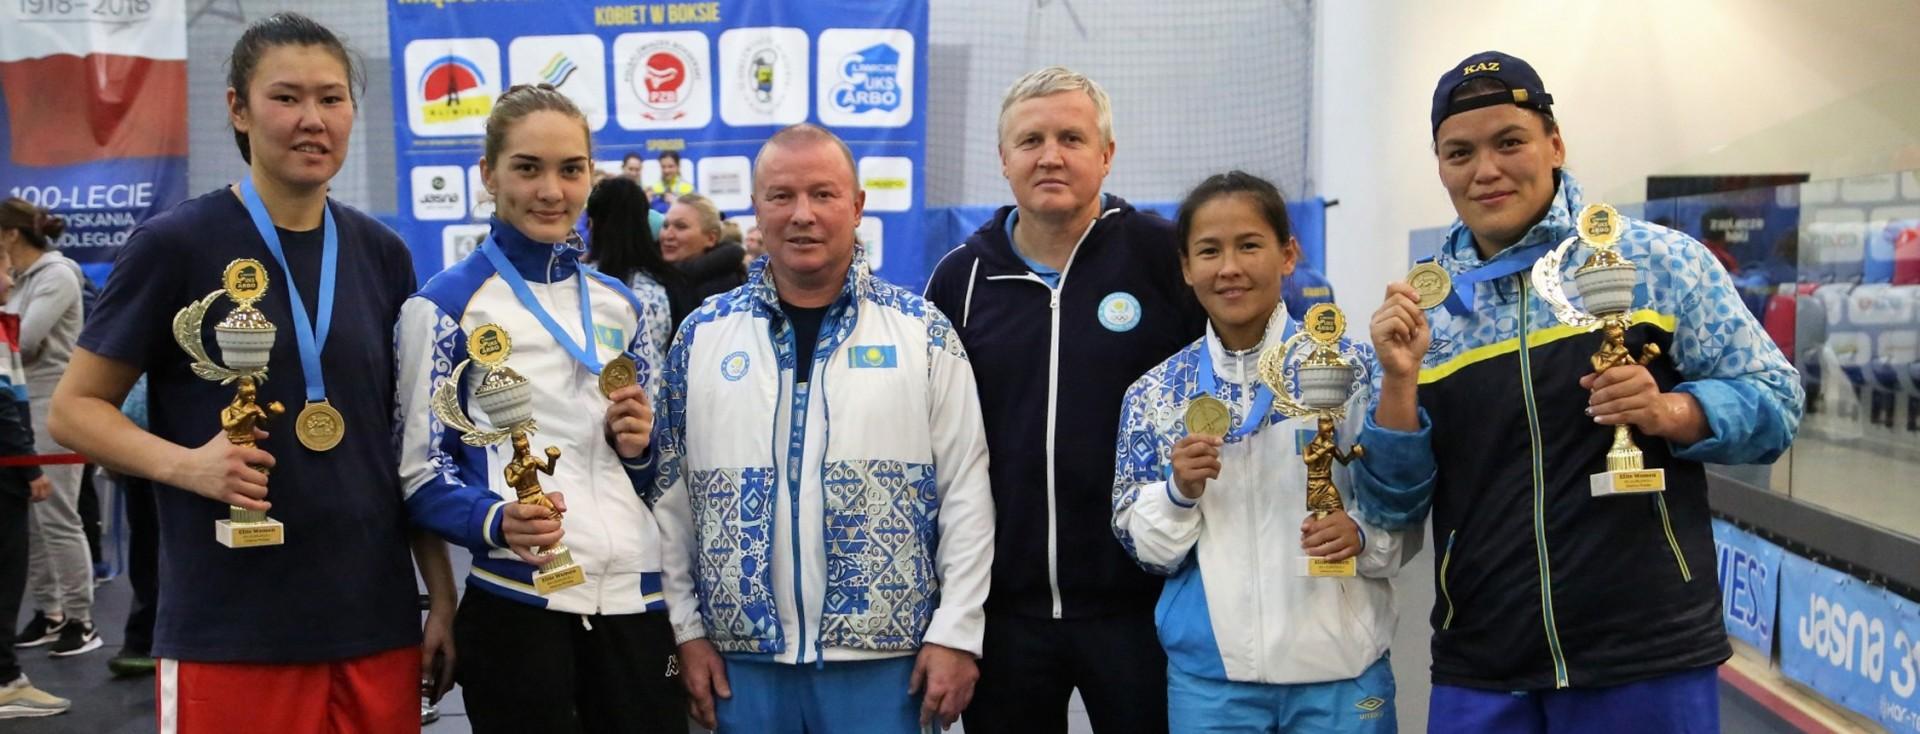 Польшадағы бокс турнирінде қазақстандық боксшылар 4 алтын медаль иеленді